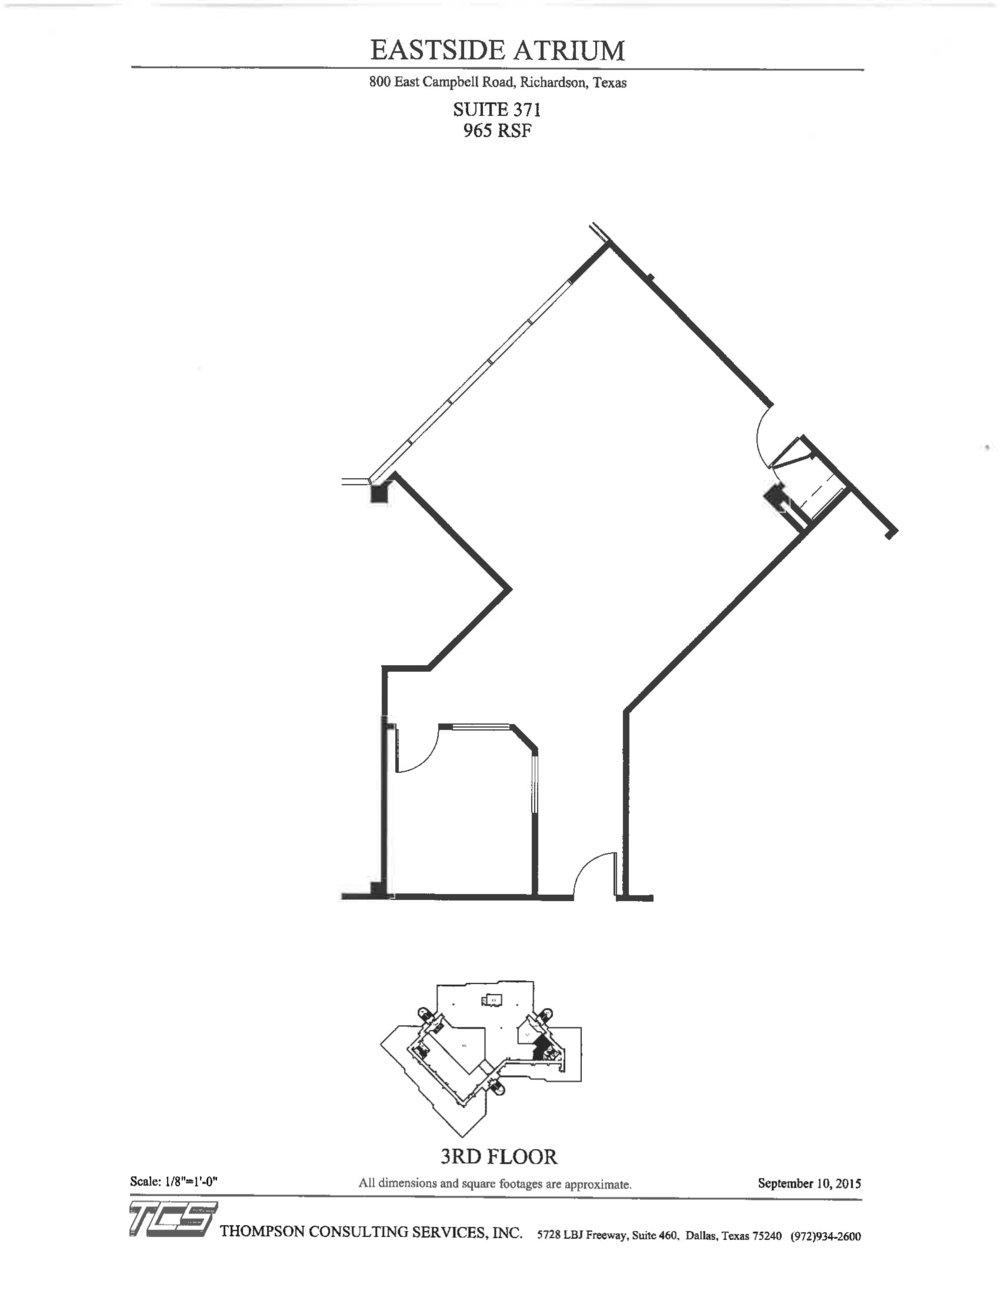 Eastside Atrium - Suite 371 8.12.16-1